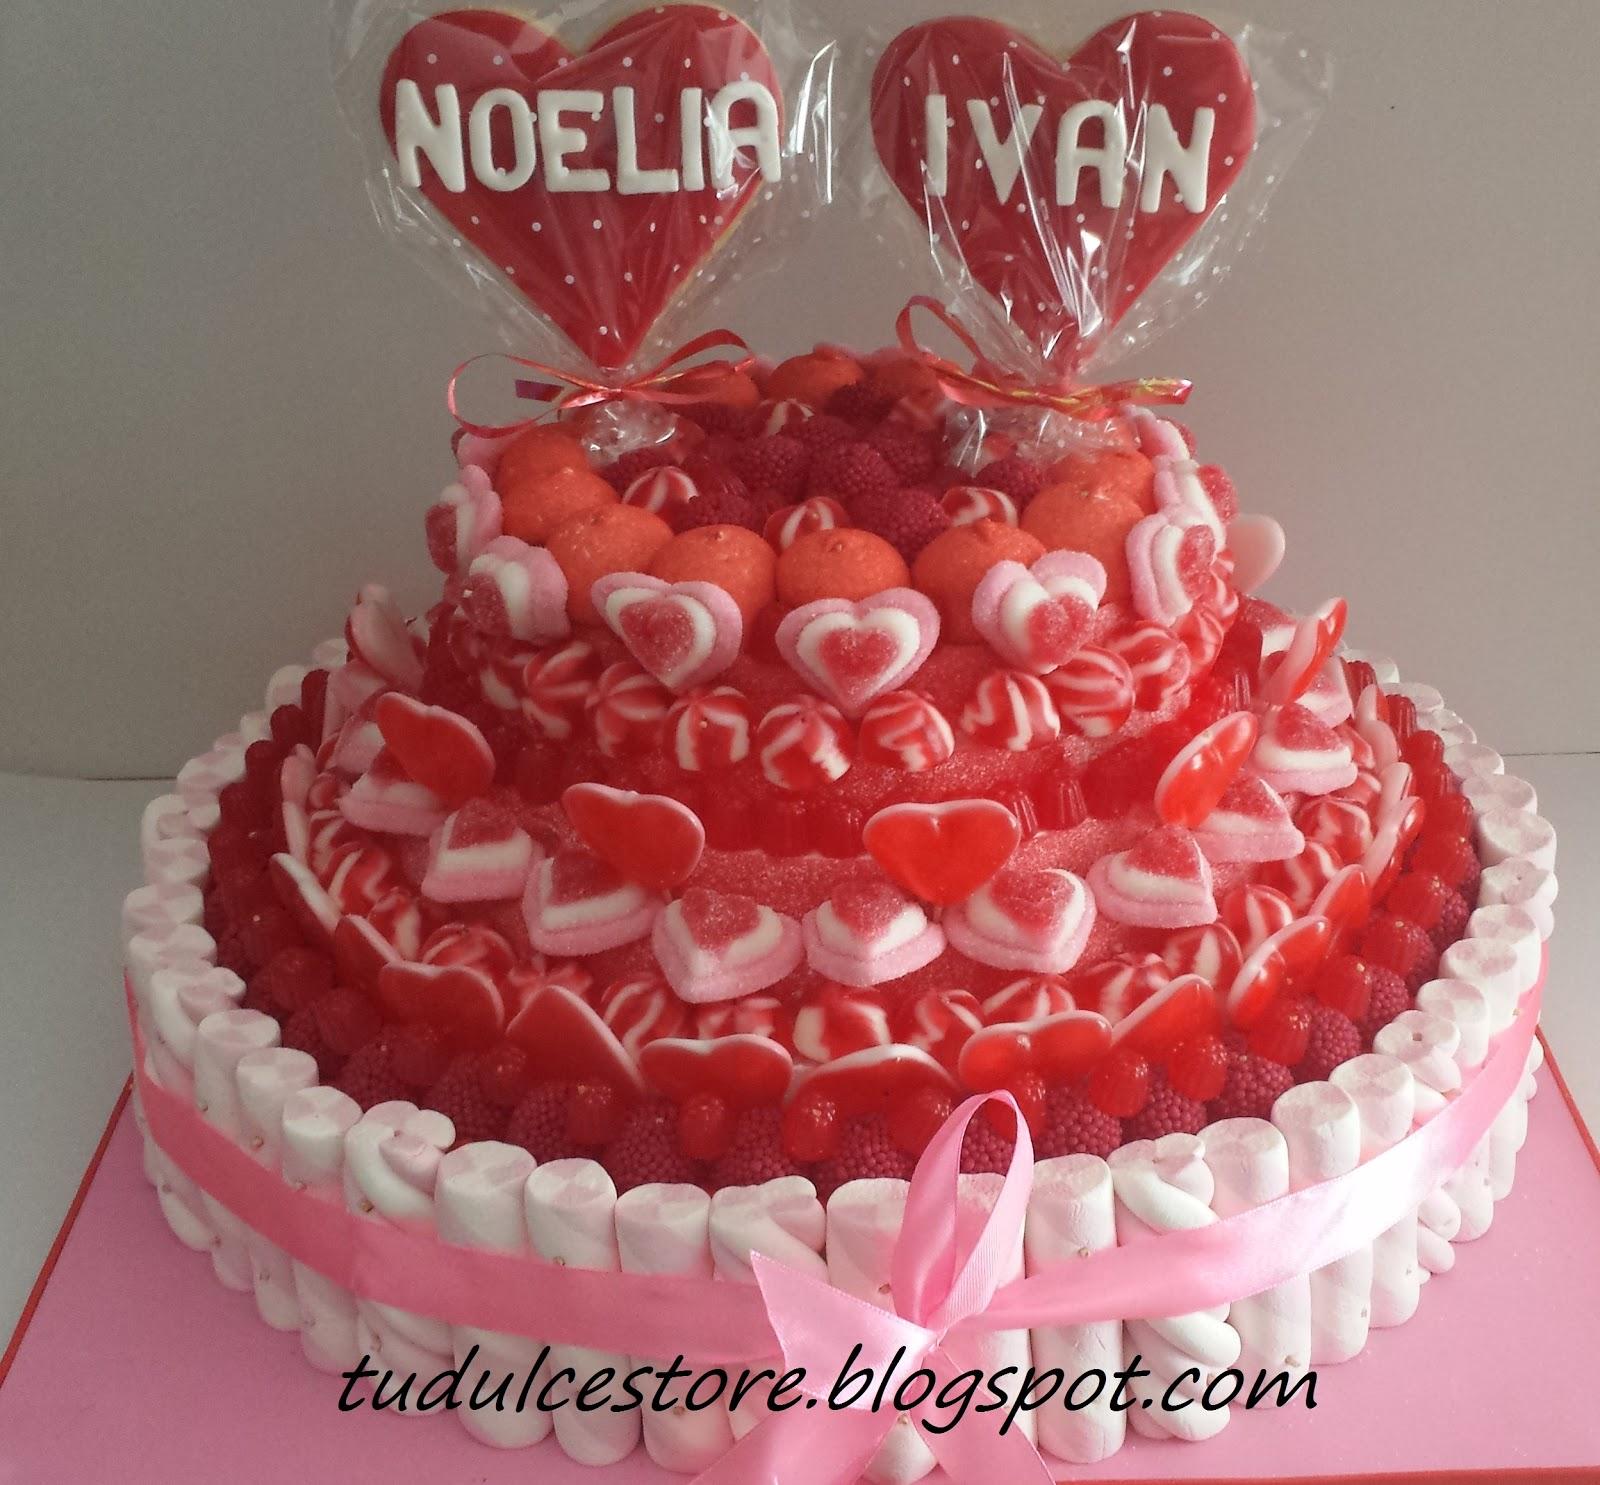 Tu dulce store tarta de chuches romantica y brochetas - Tartas de chuches fotos ...